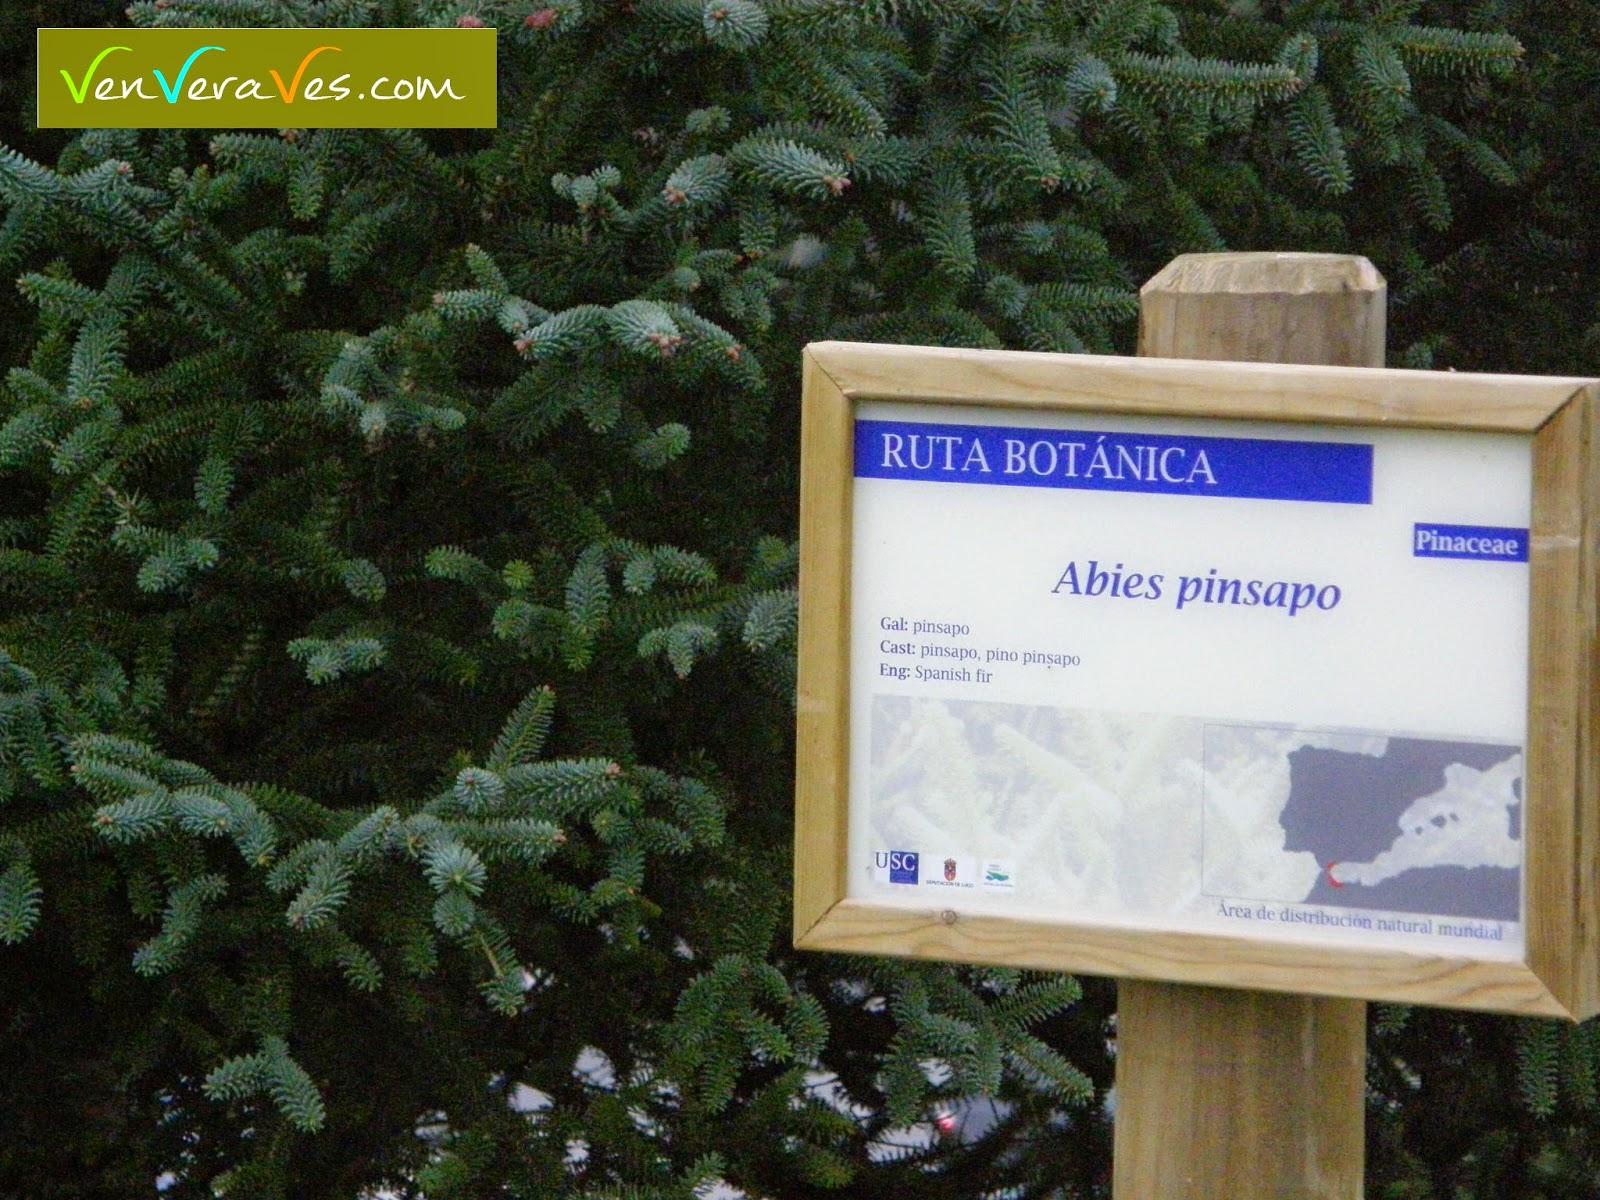 Pinsapo con cartel explicativo en la ruta botanica del campus de Lugo